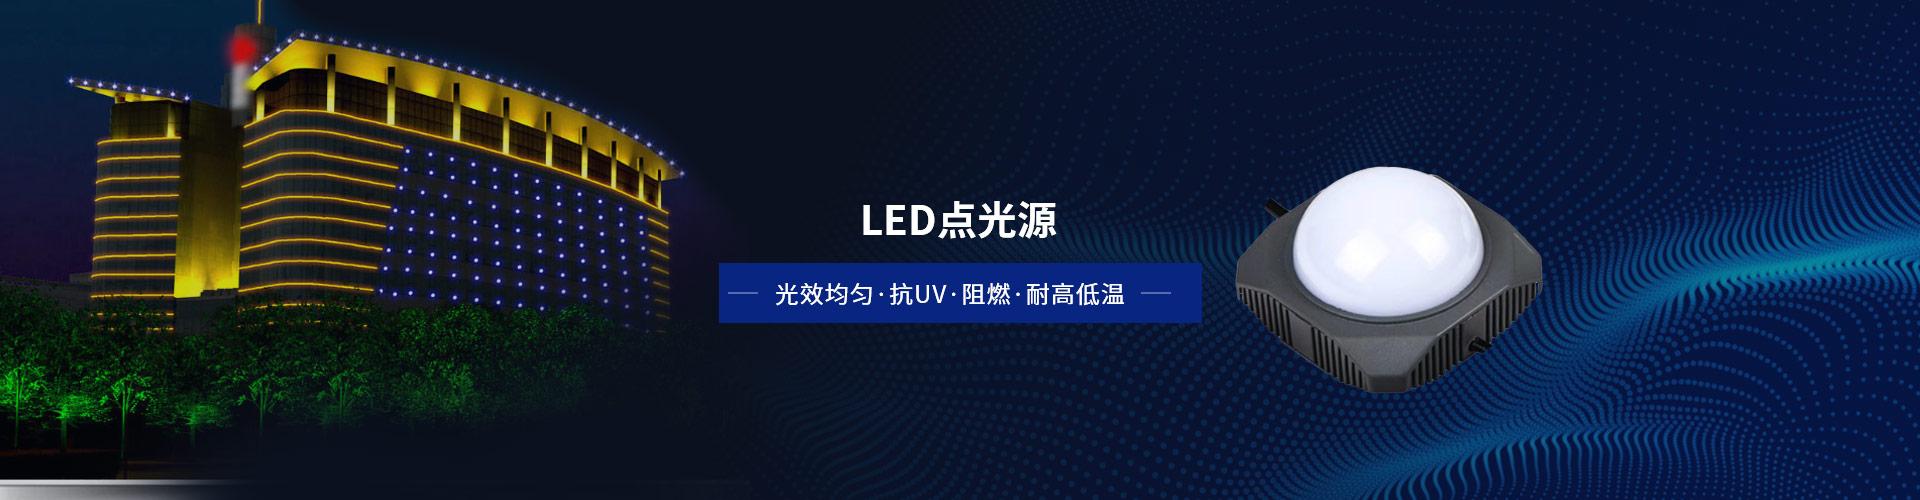 亮丽龙LED点光源 光效均匀,抗UV(紫外线),阻燃,耐高低温,耐压耐破裂